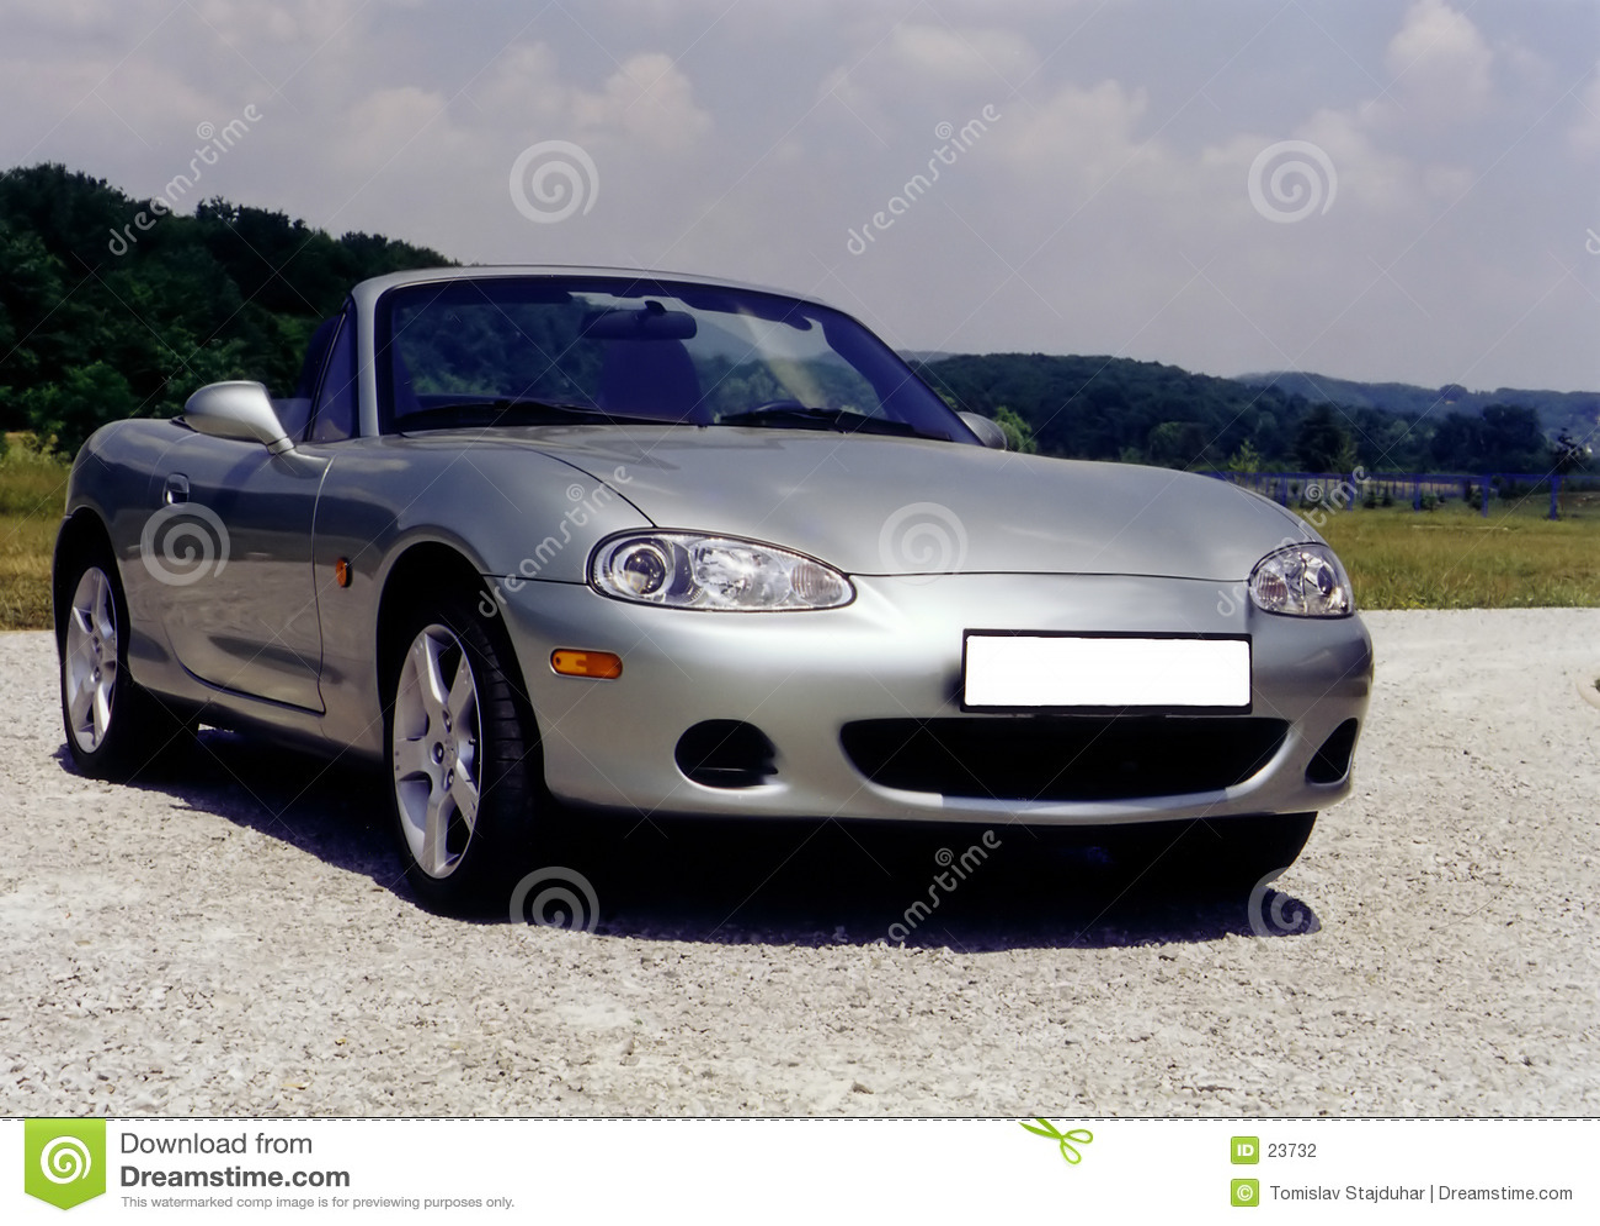 Roadster mx 5 mazda